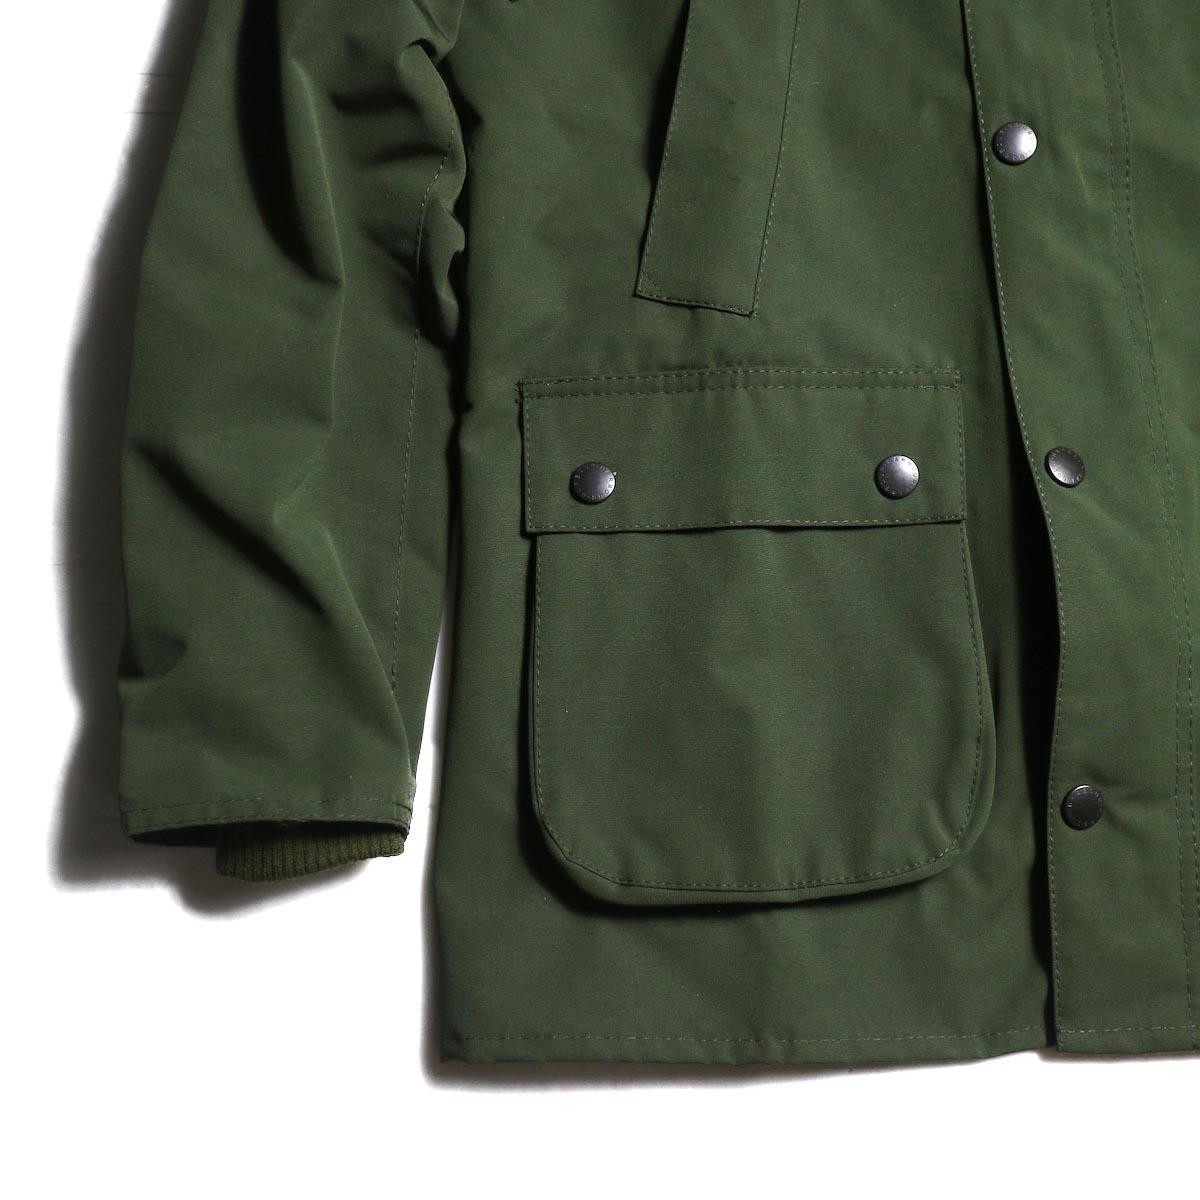 ポケット、裾